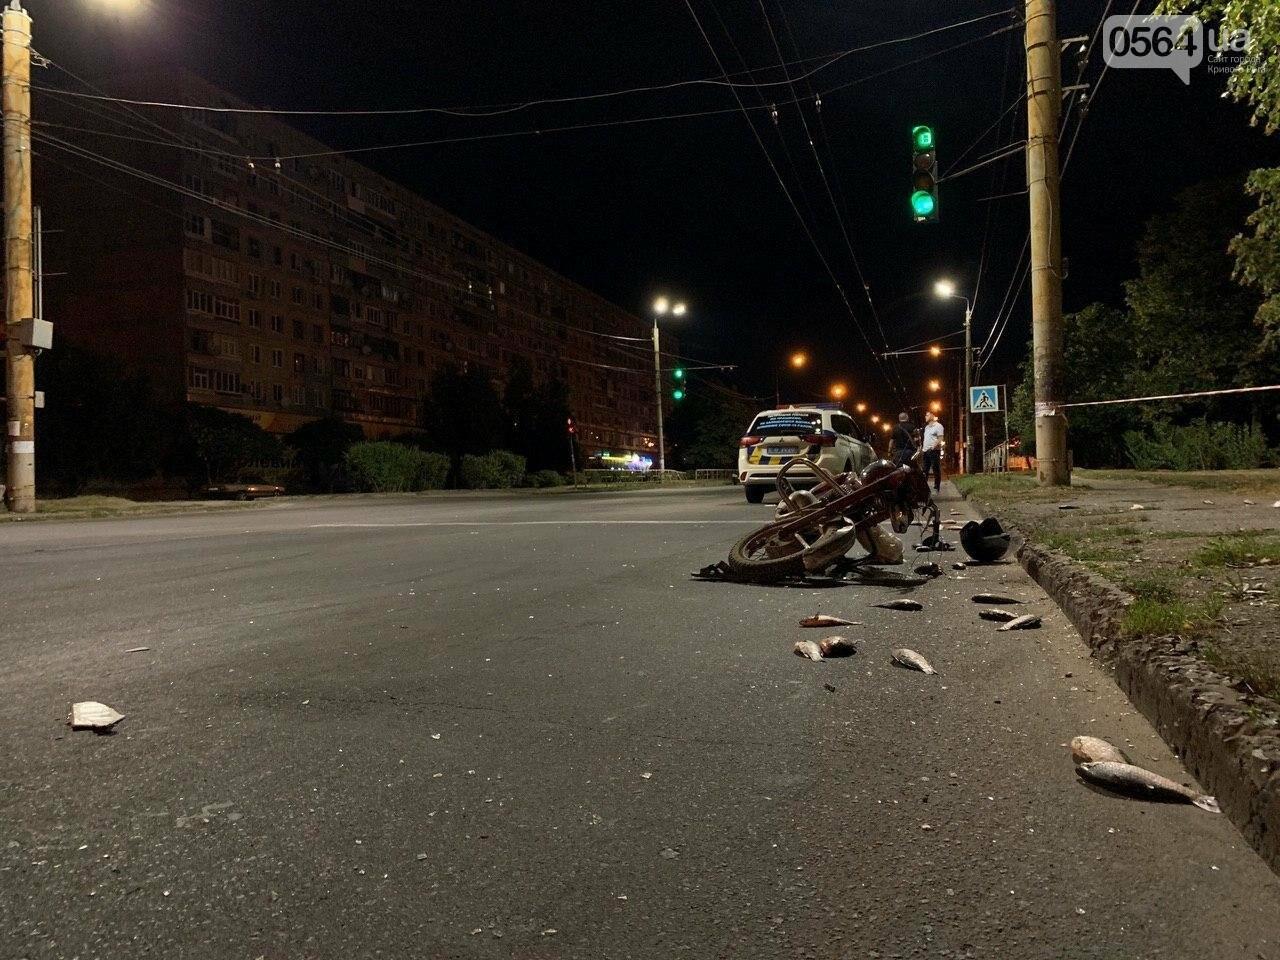 Ночью в Кривом Роге столкнулись легковой автомобиль и мотоцикл. Водитель мотоцикла госпитализирован, - ФОТО, фото-6